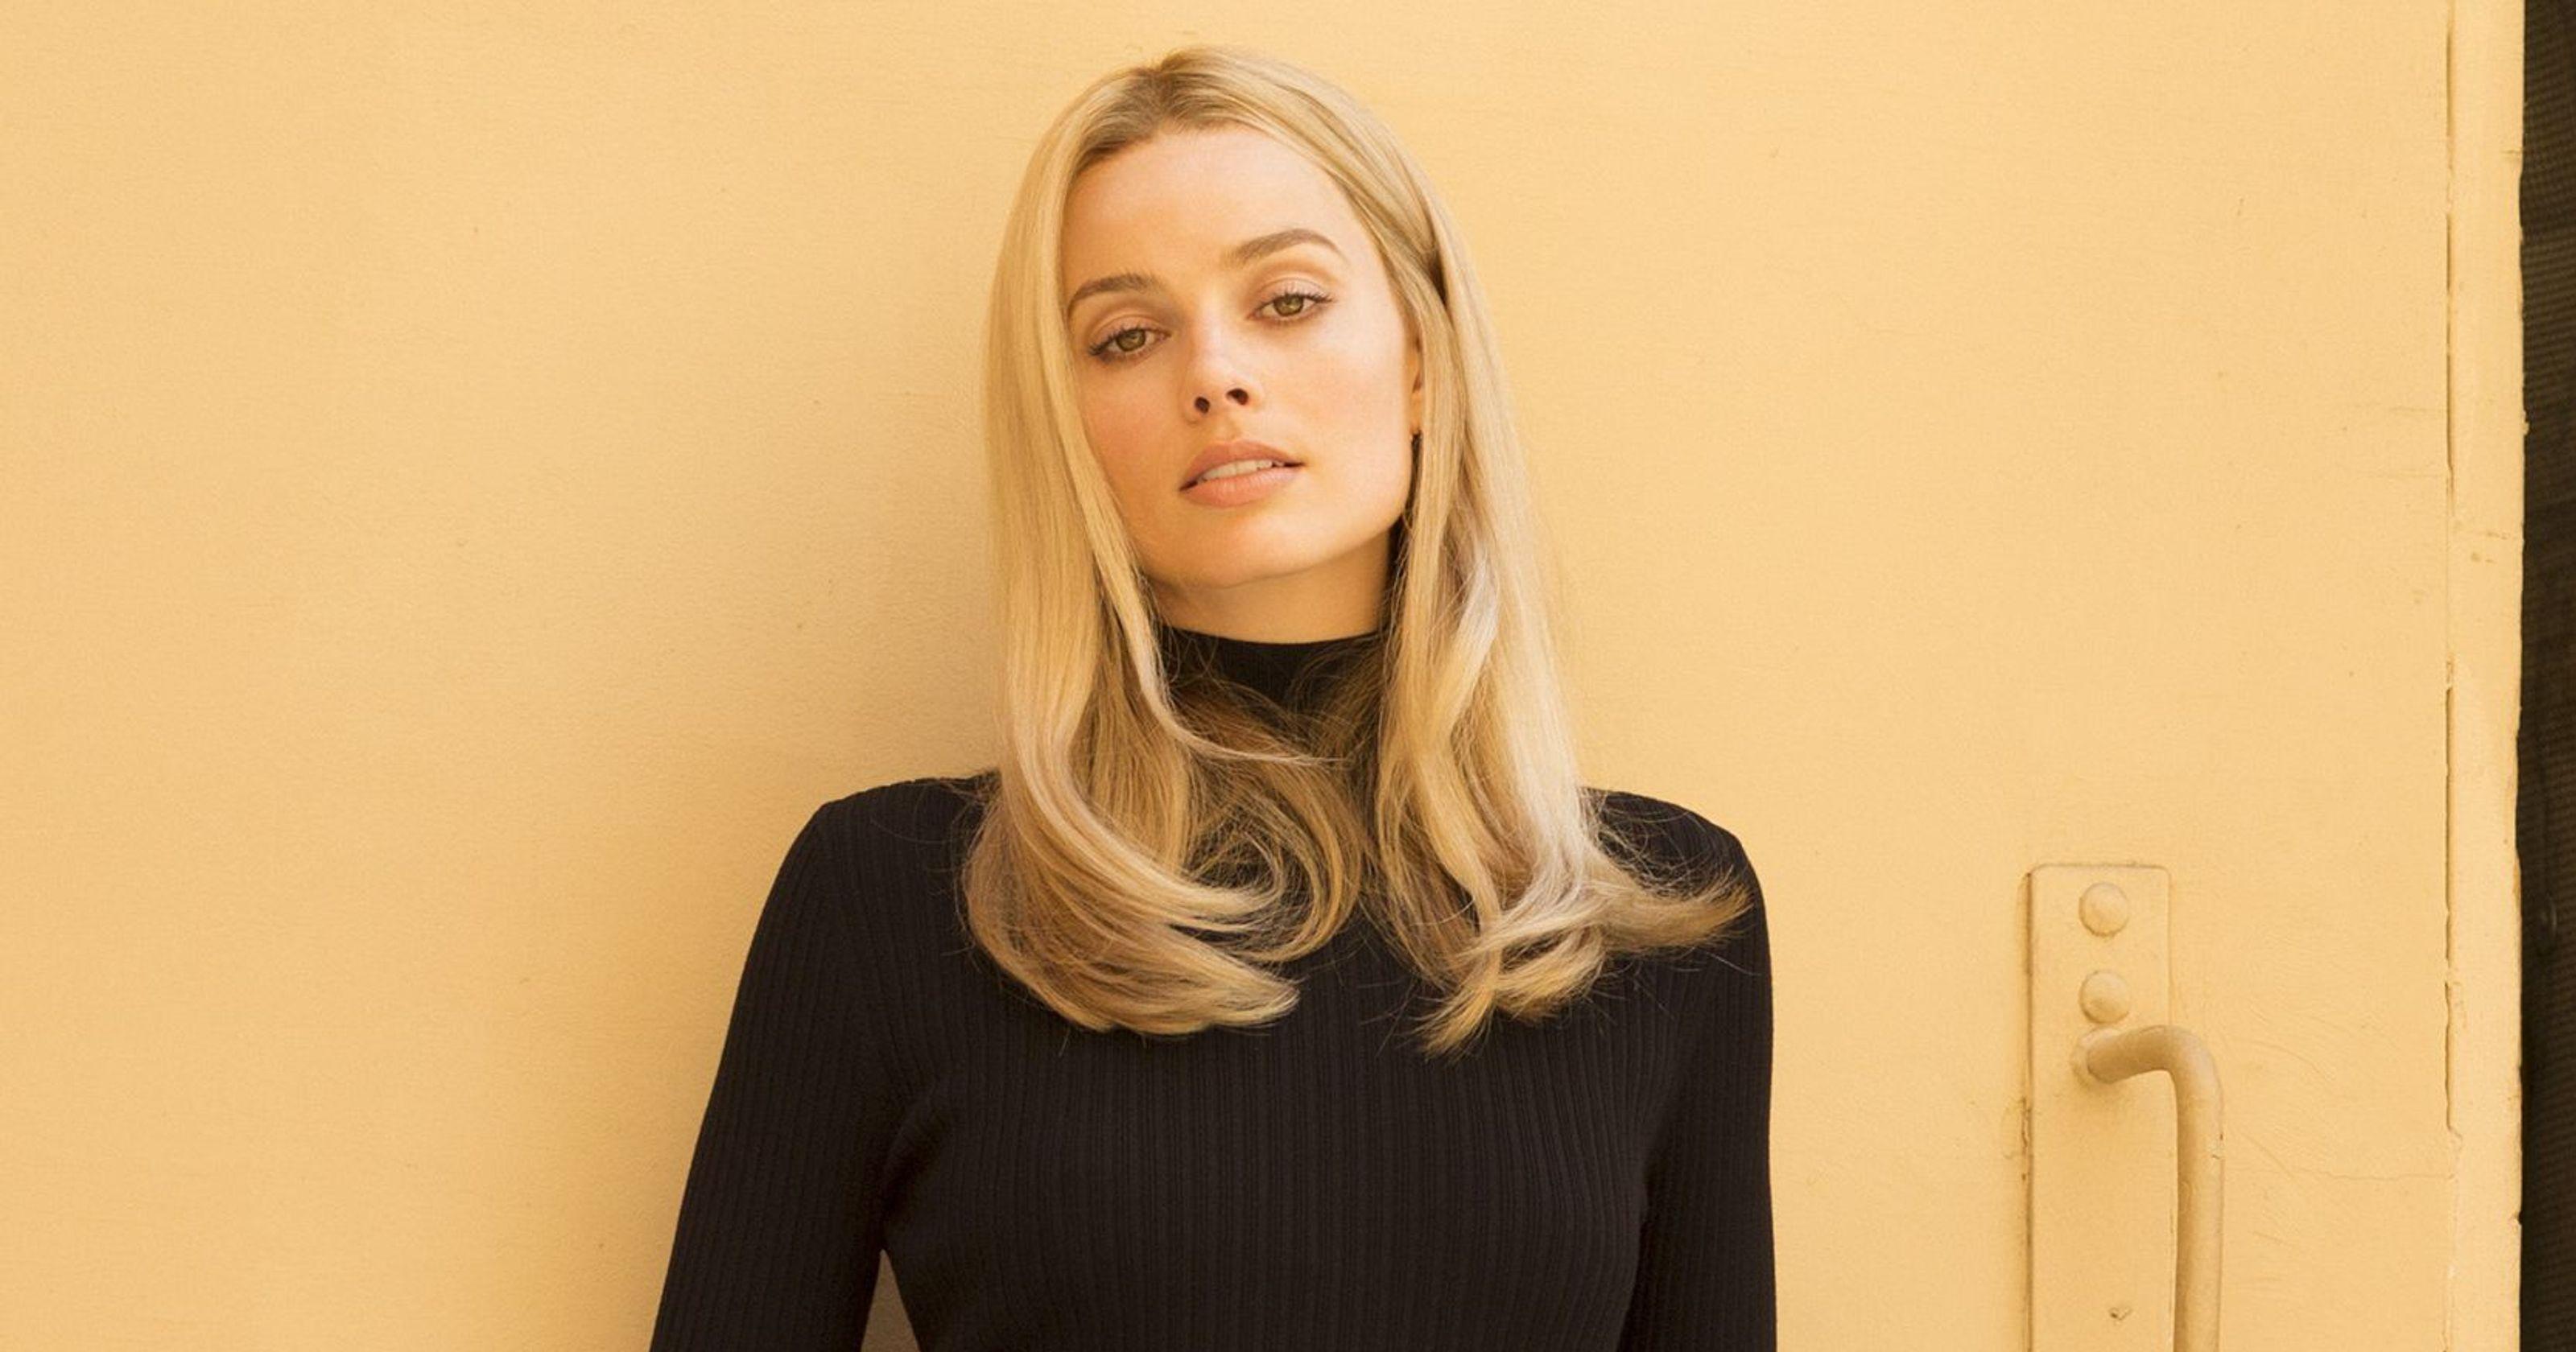 Margot Robbie divulga primeira imagem como Sharon Tate no novo filme de Tarantino